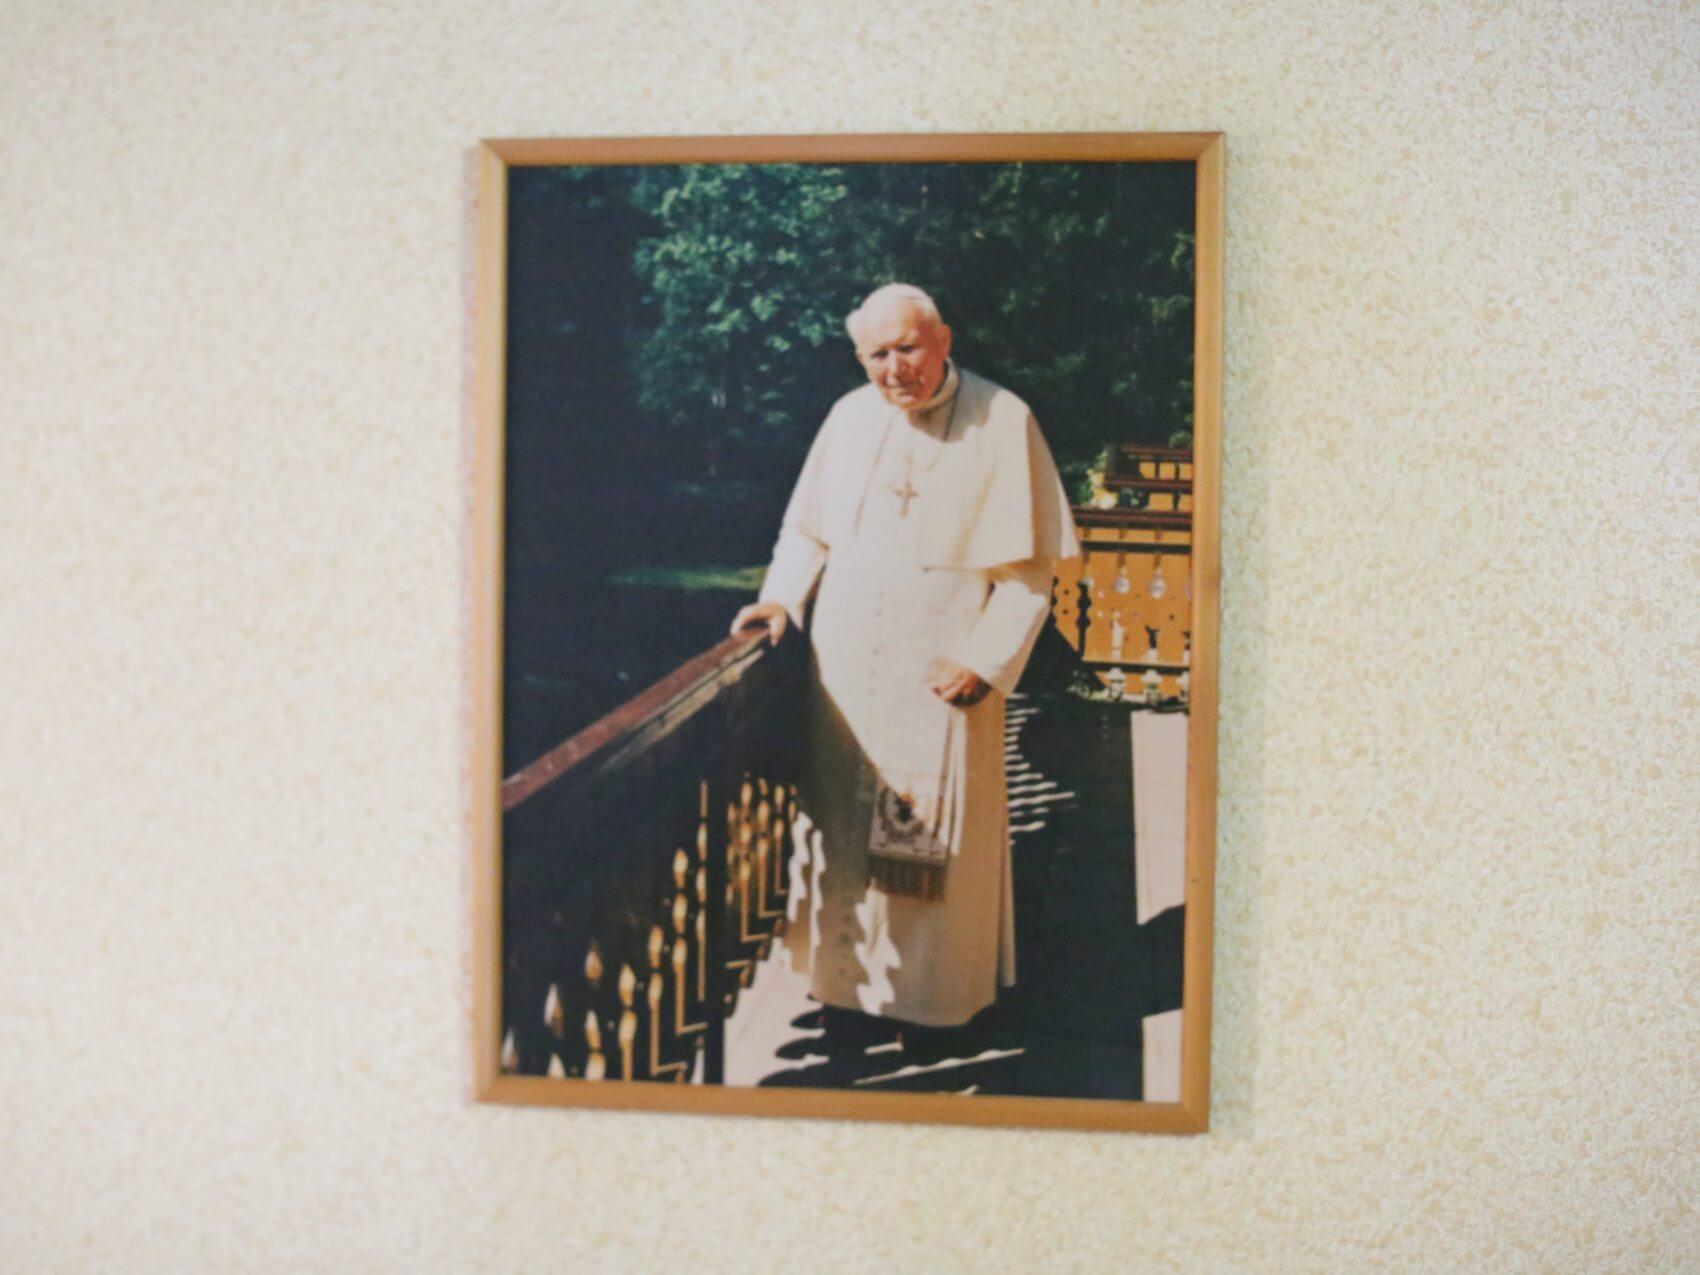 Zdjęcie Jana Pawła II w Księżówce w Zakopanem